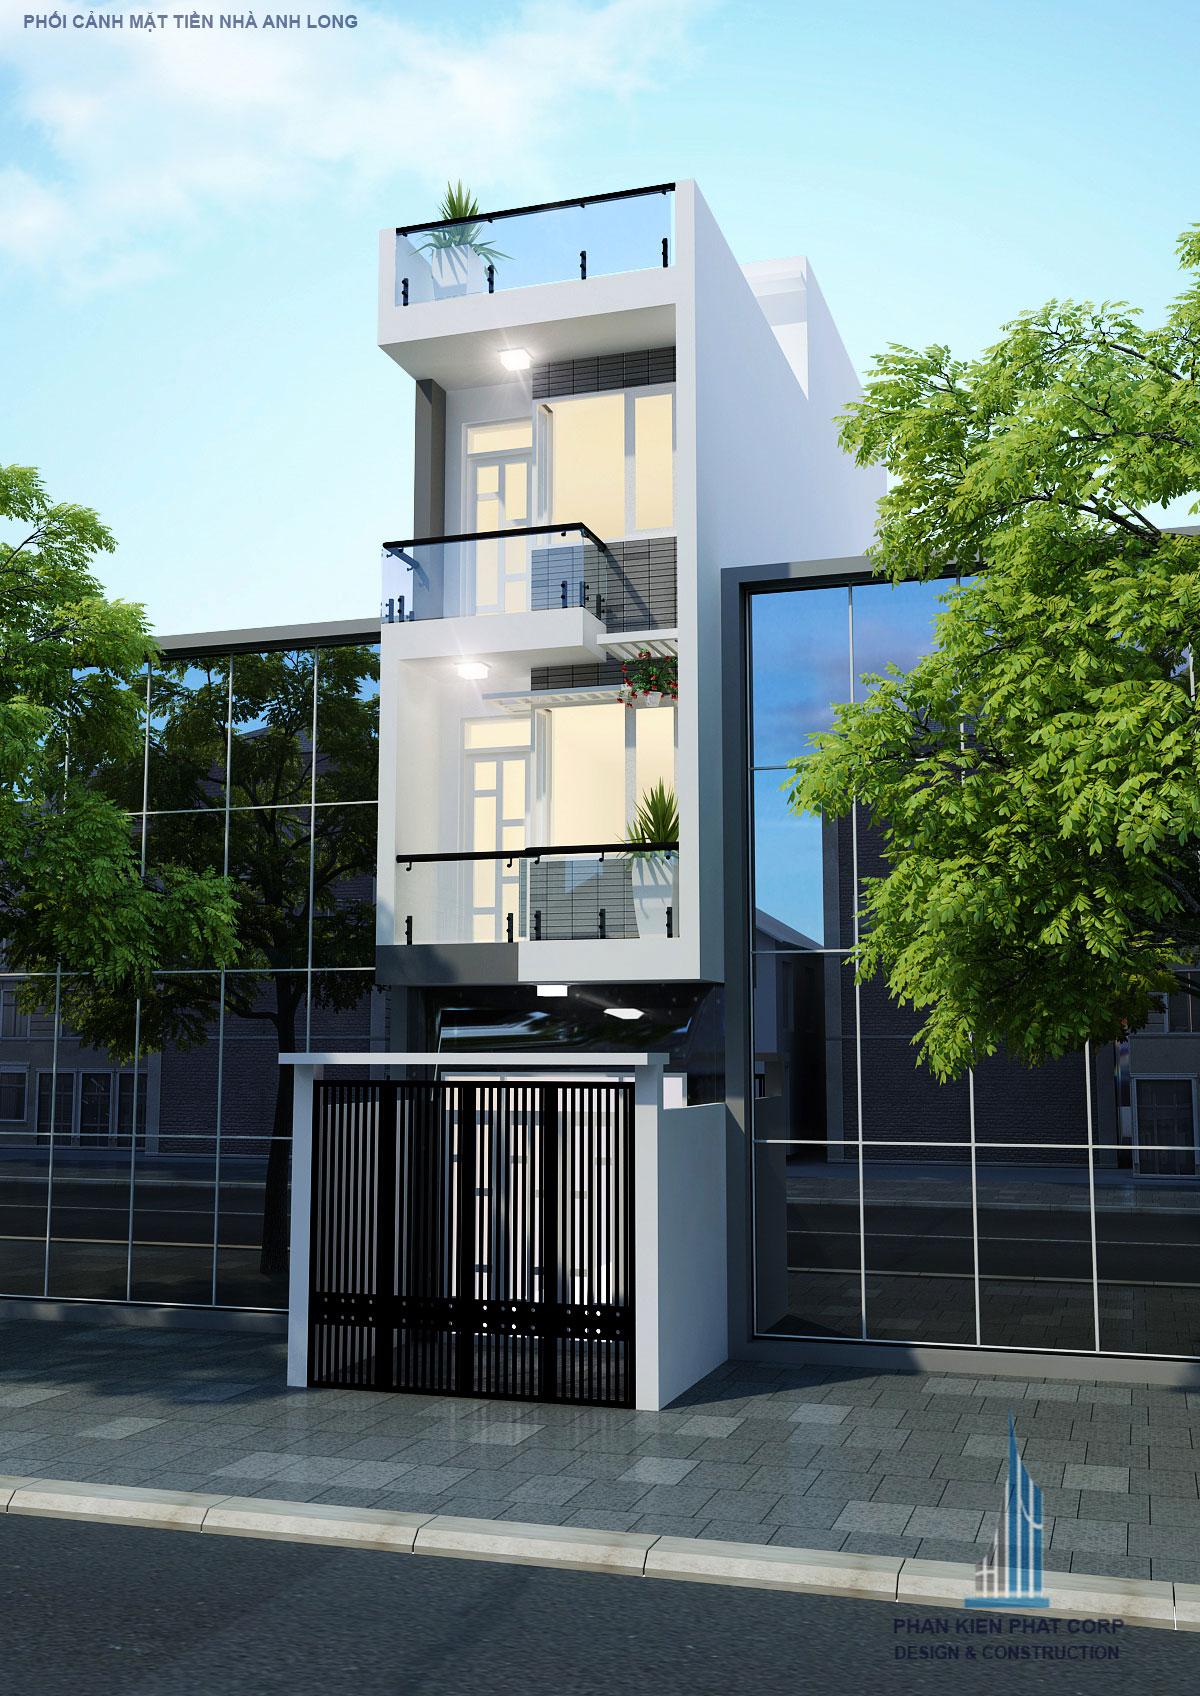 Công trình, Thiết kế xây dựng nhà phố, Anh Thái Văn Long